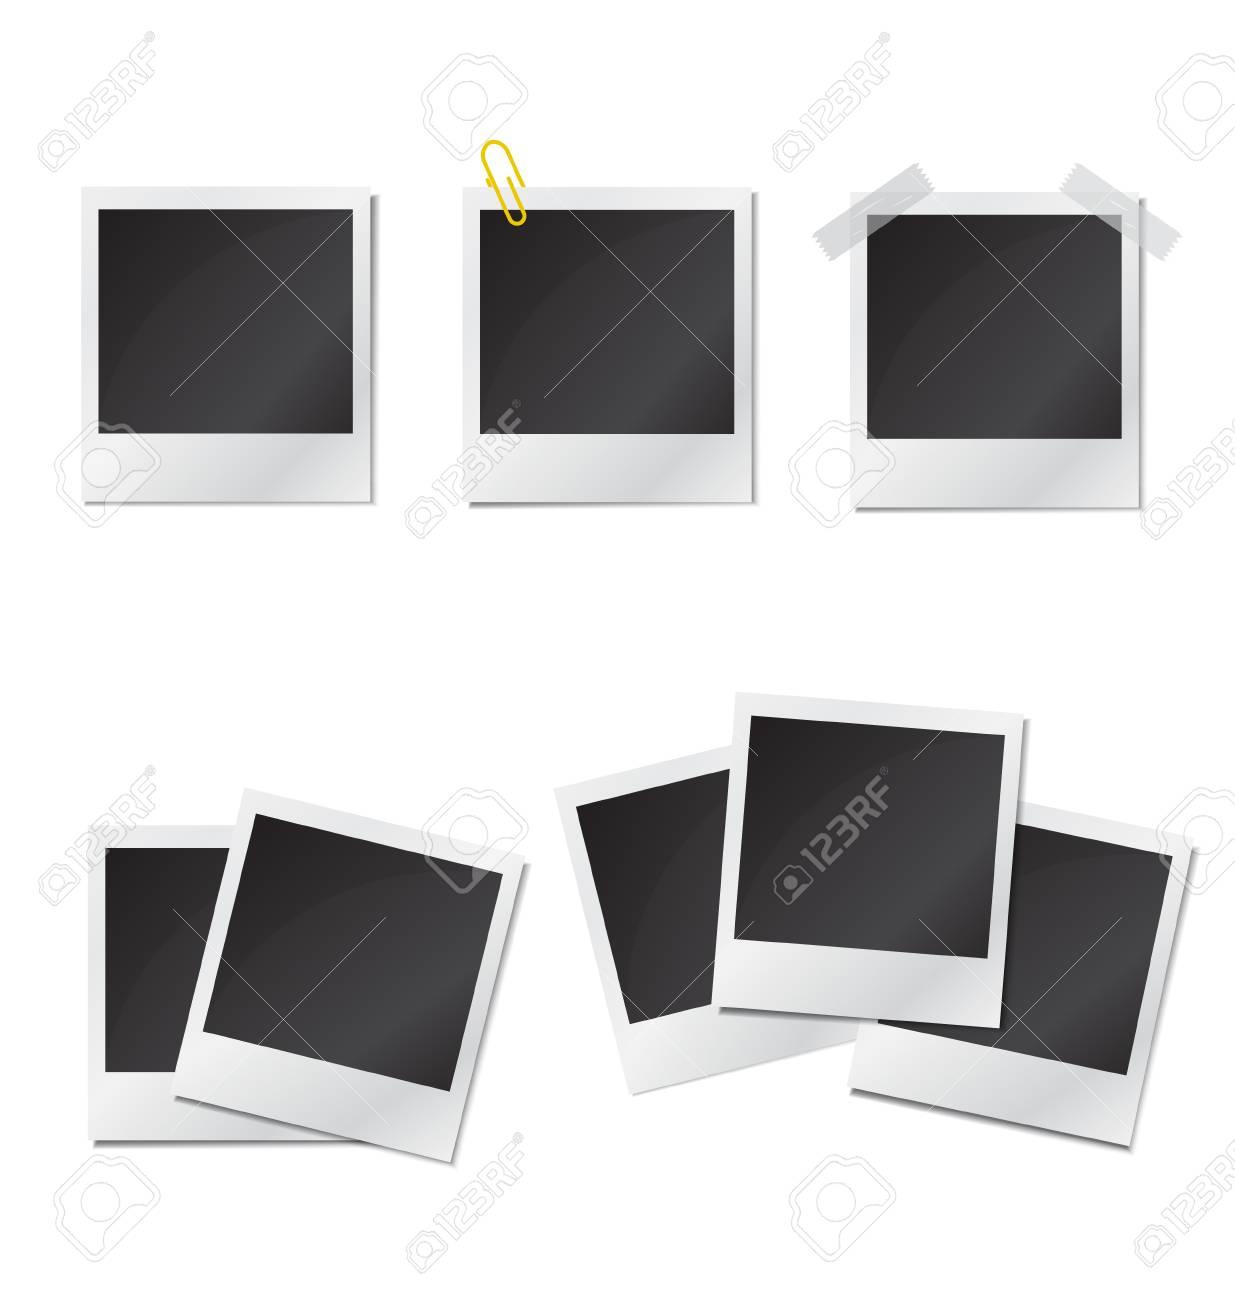 Set Polaroid Bilderrahmen Auf Weißem Background.Vector. Lizenzfrei ...